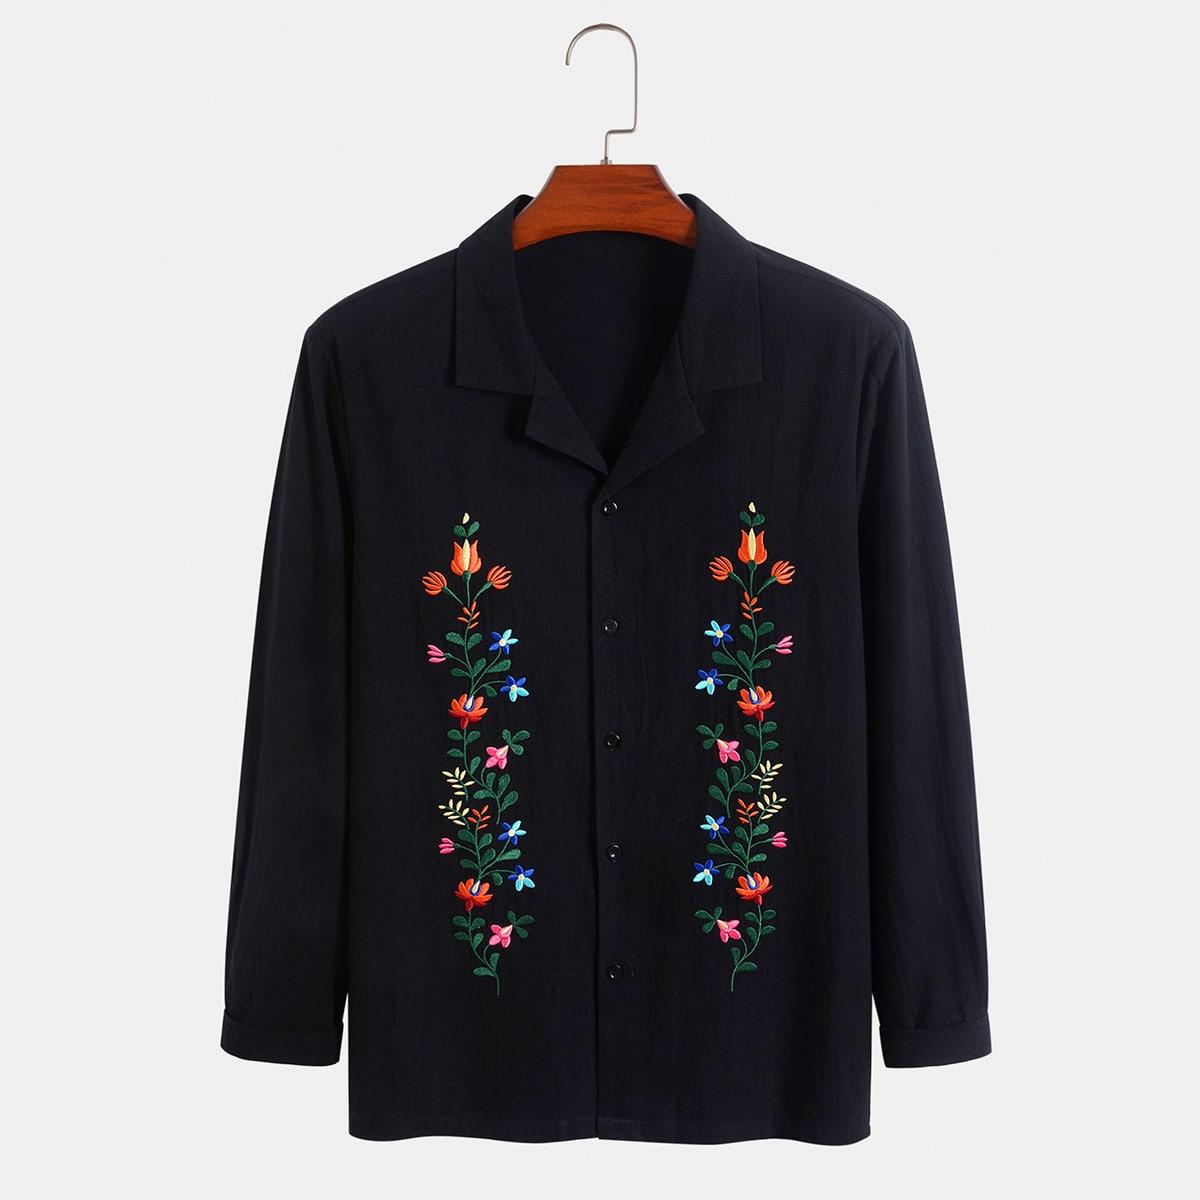 Мужская рубашка с цветочной вышивкой на пуговицах